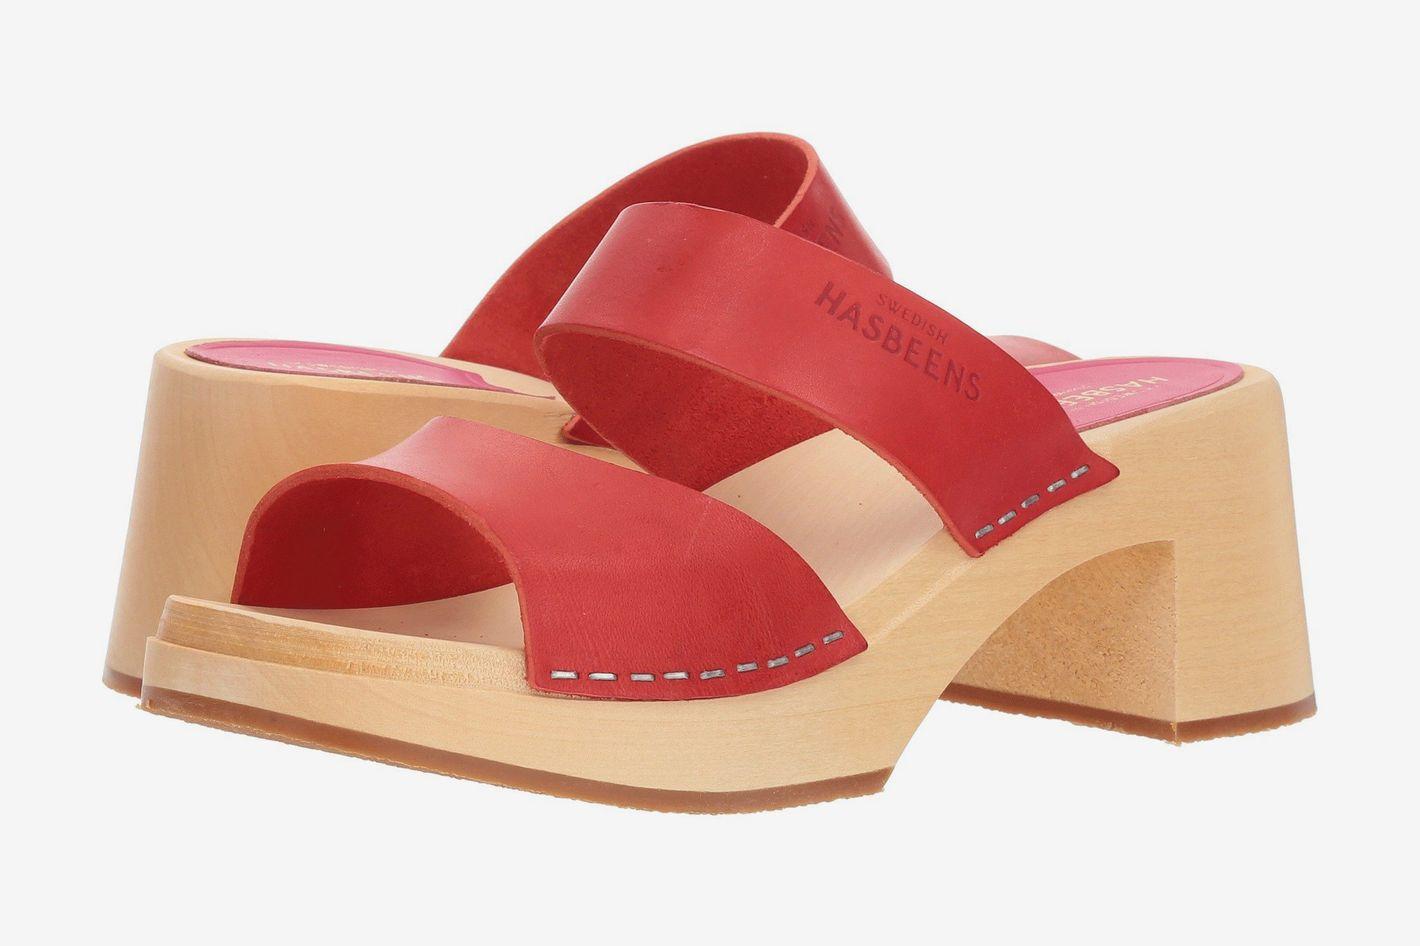 71145a6467b 15 Best Clogs Sandals Reviewed 2018